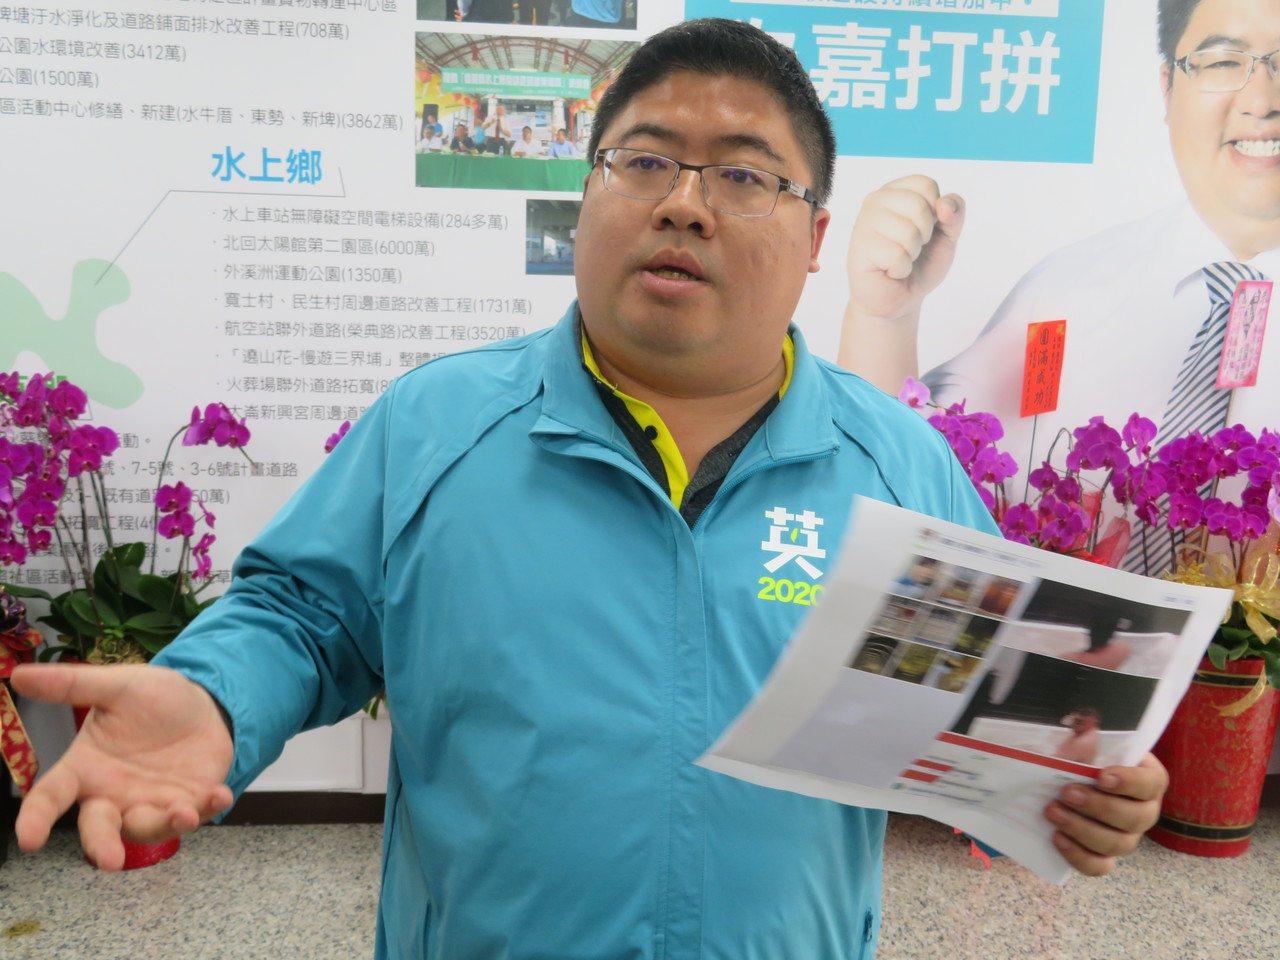 民进党嘉义县立委参选人蔡易余说,与杨蕙如单纯朋友关系。记者鲁永明/摄影